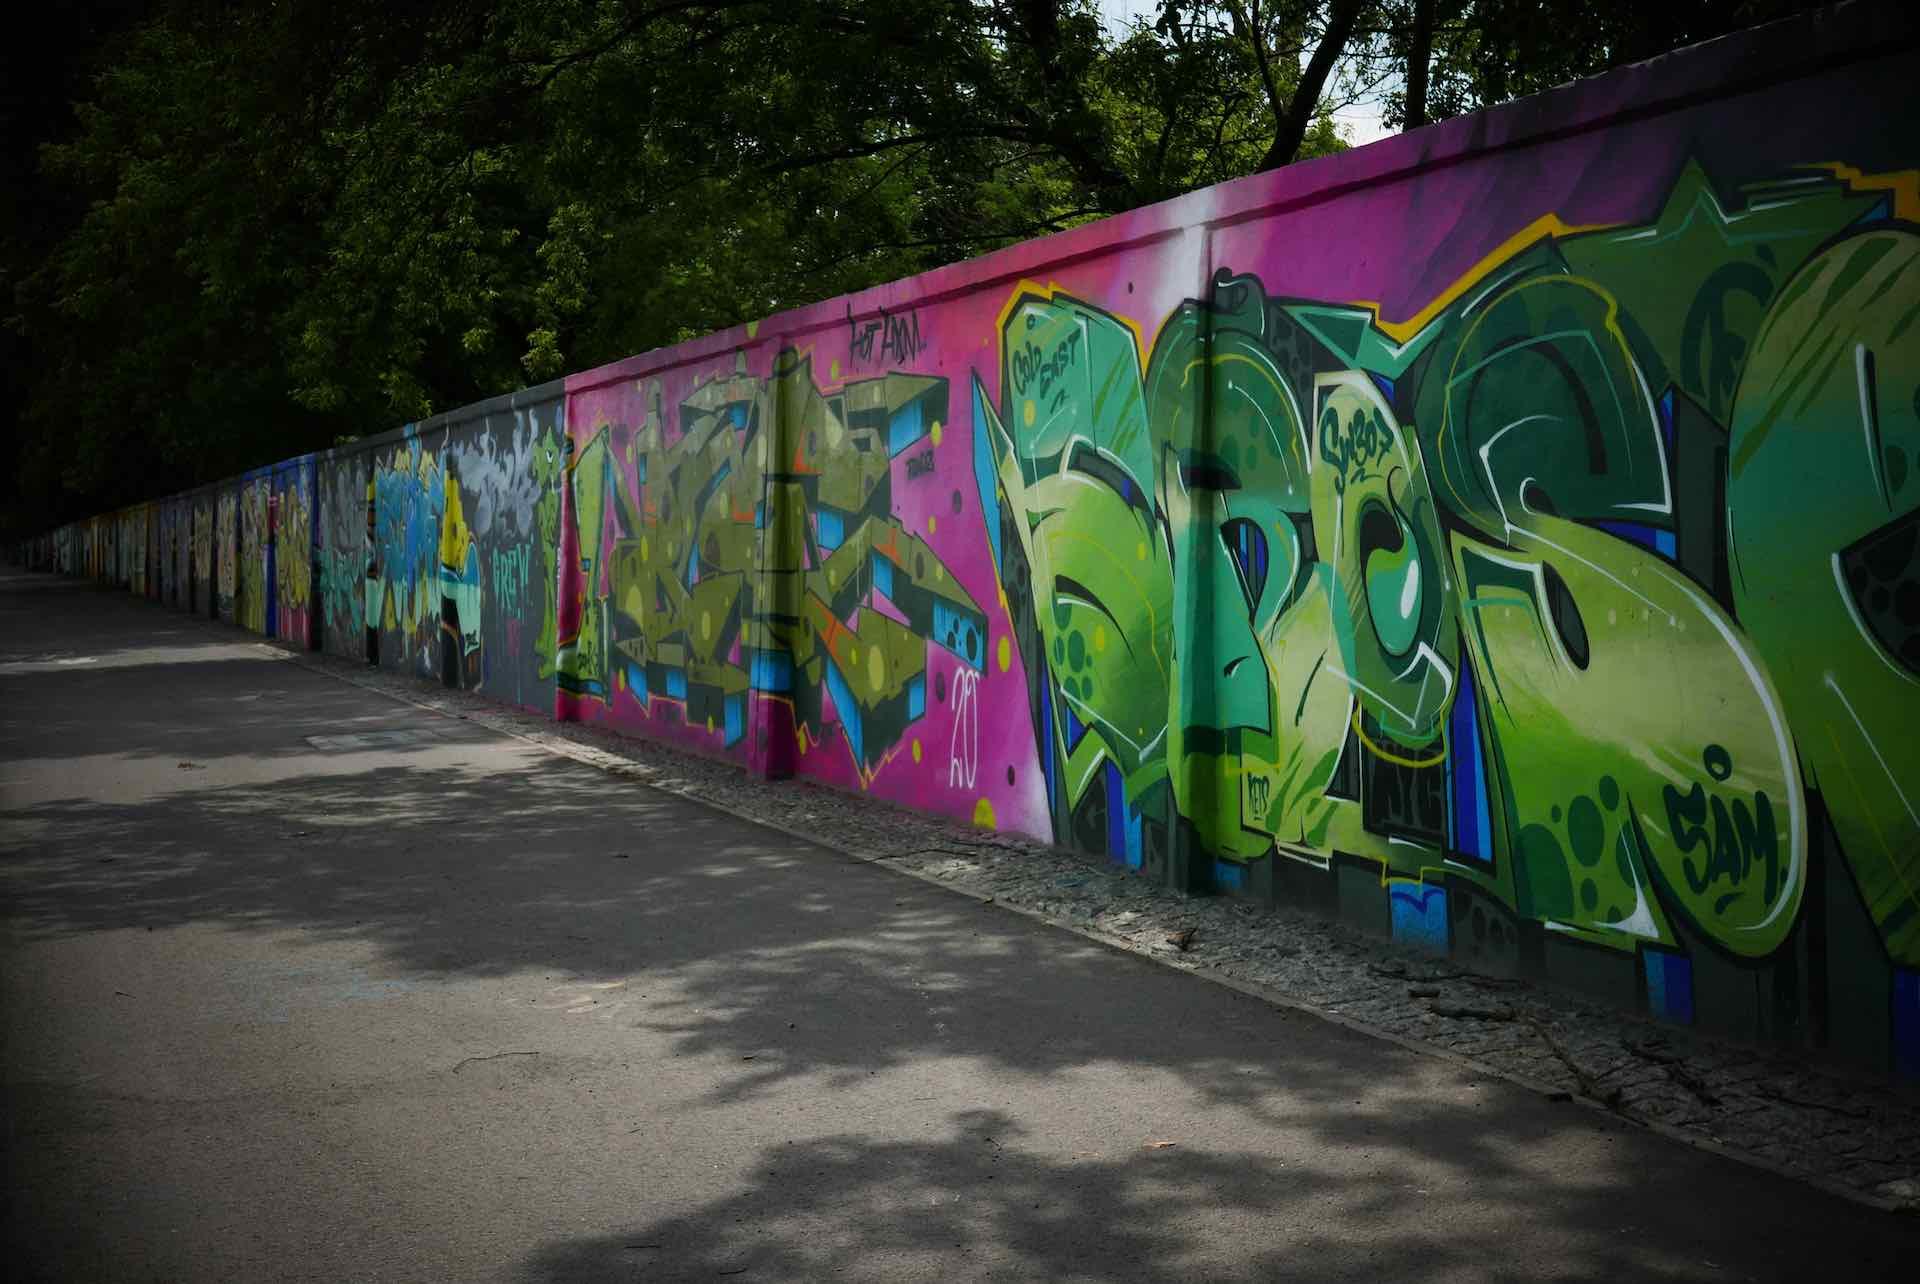 mural art Warsaw